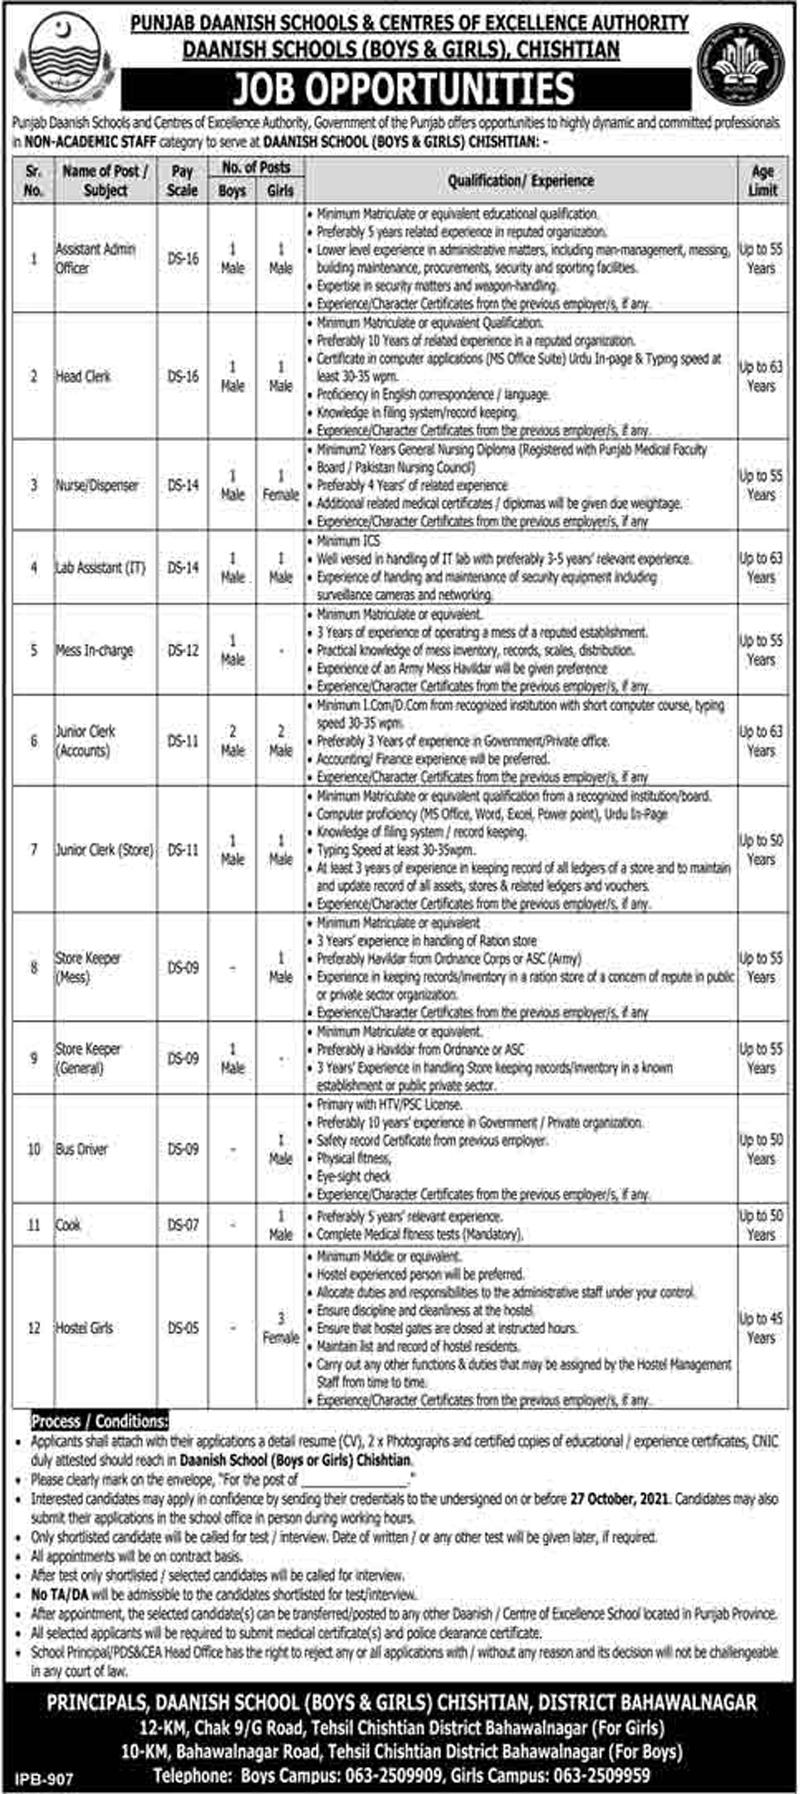 Punjab Daanish School Jobs 2021